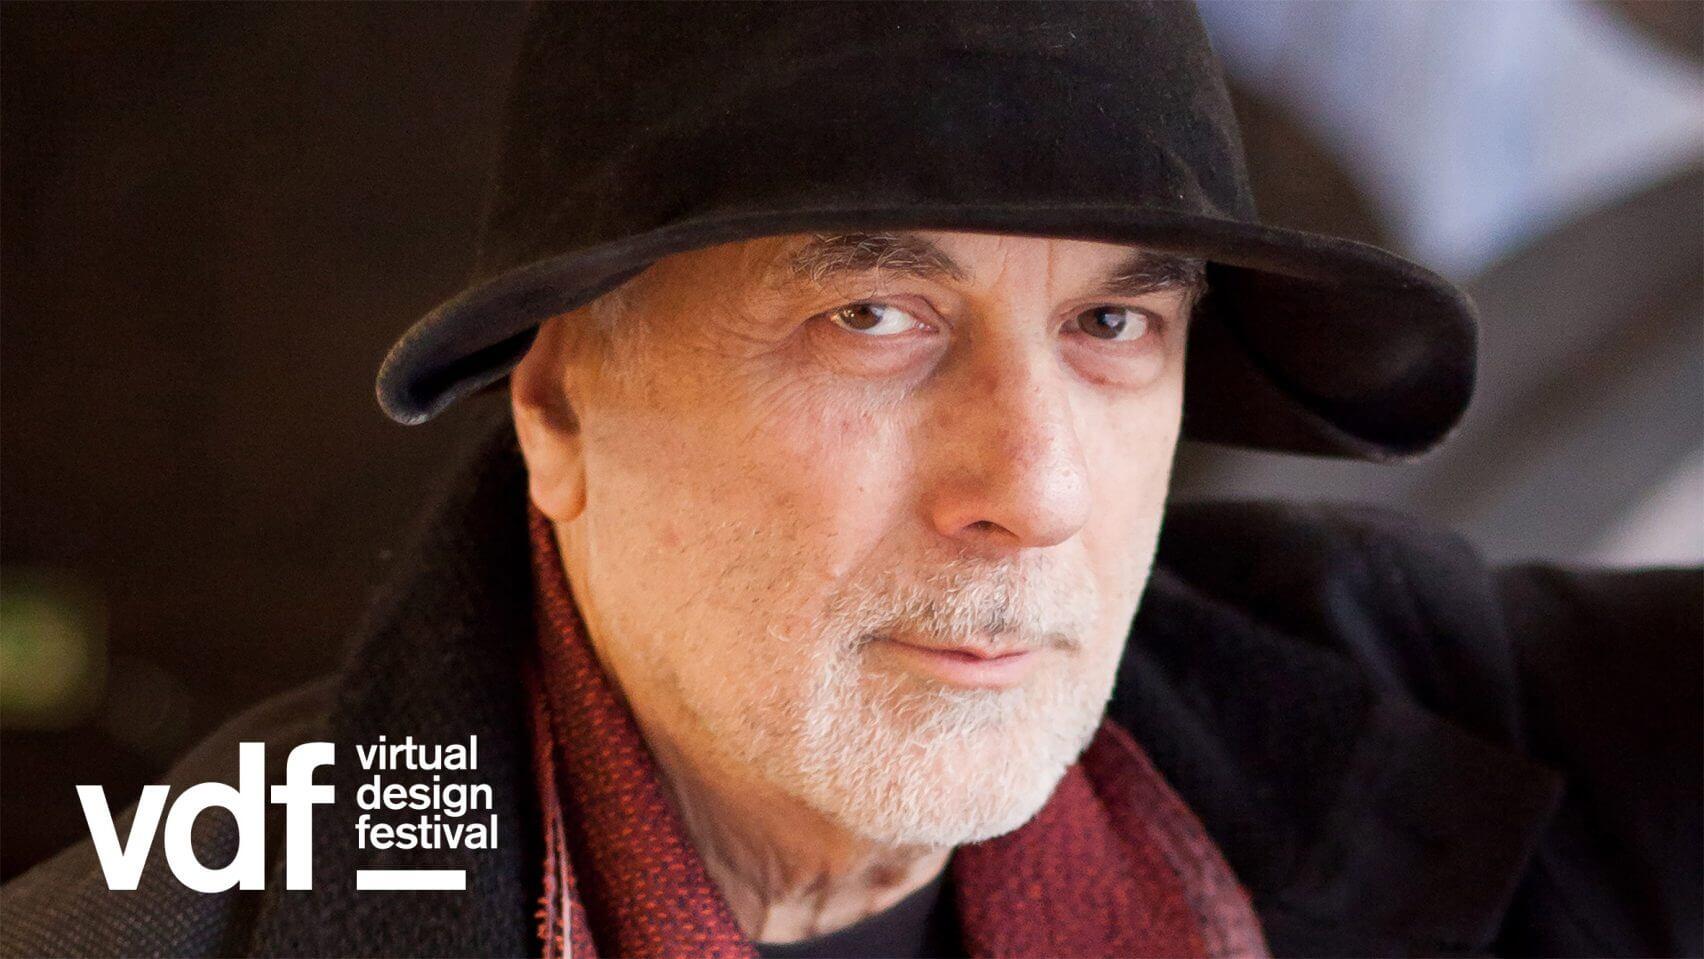 設計師Ron Arad將於festival期間介紹其計數碼化展覽DFWTM